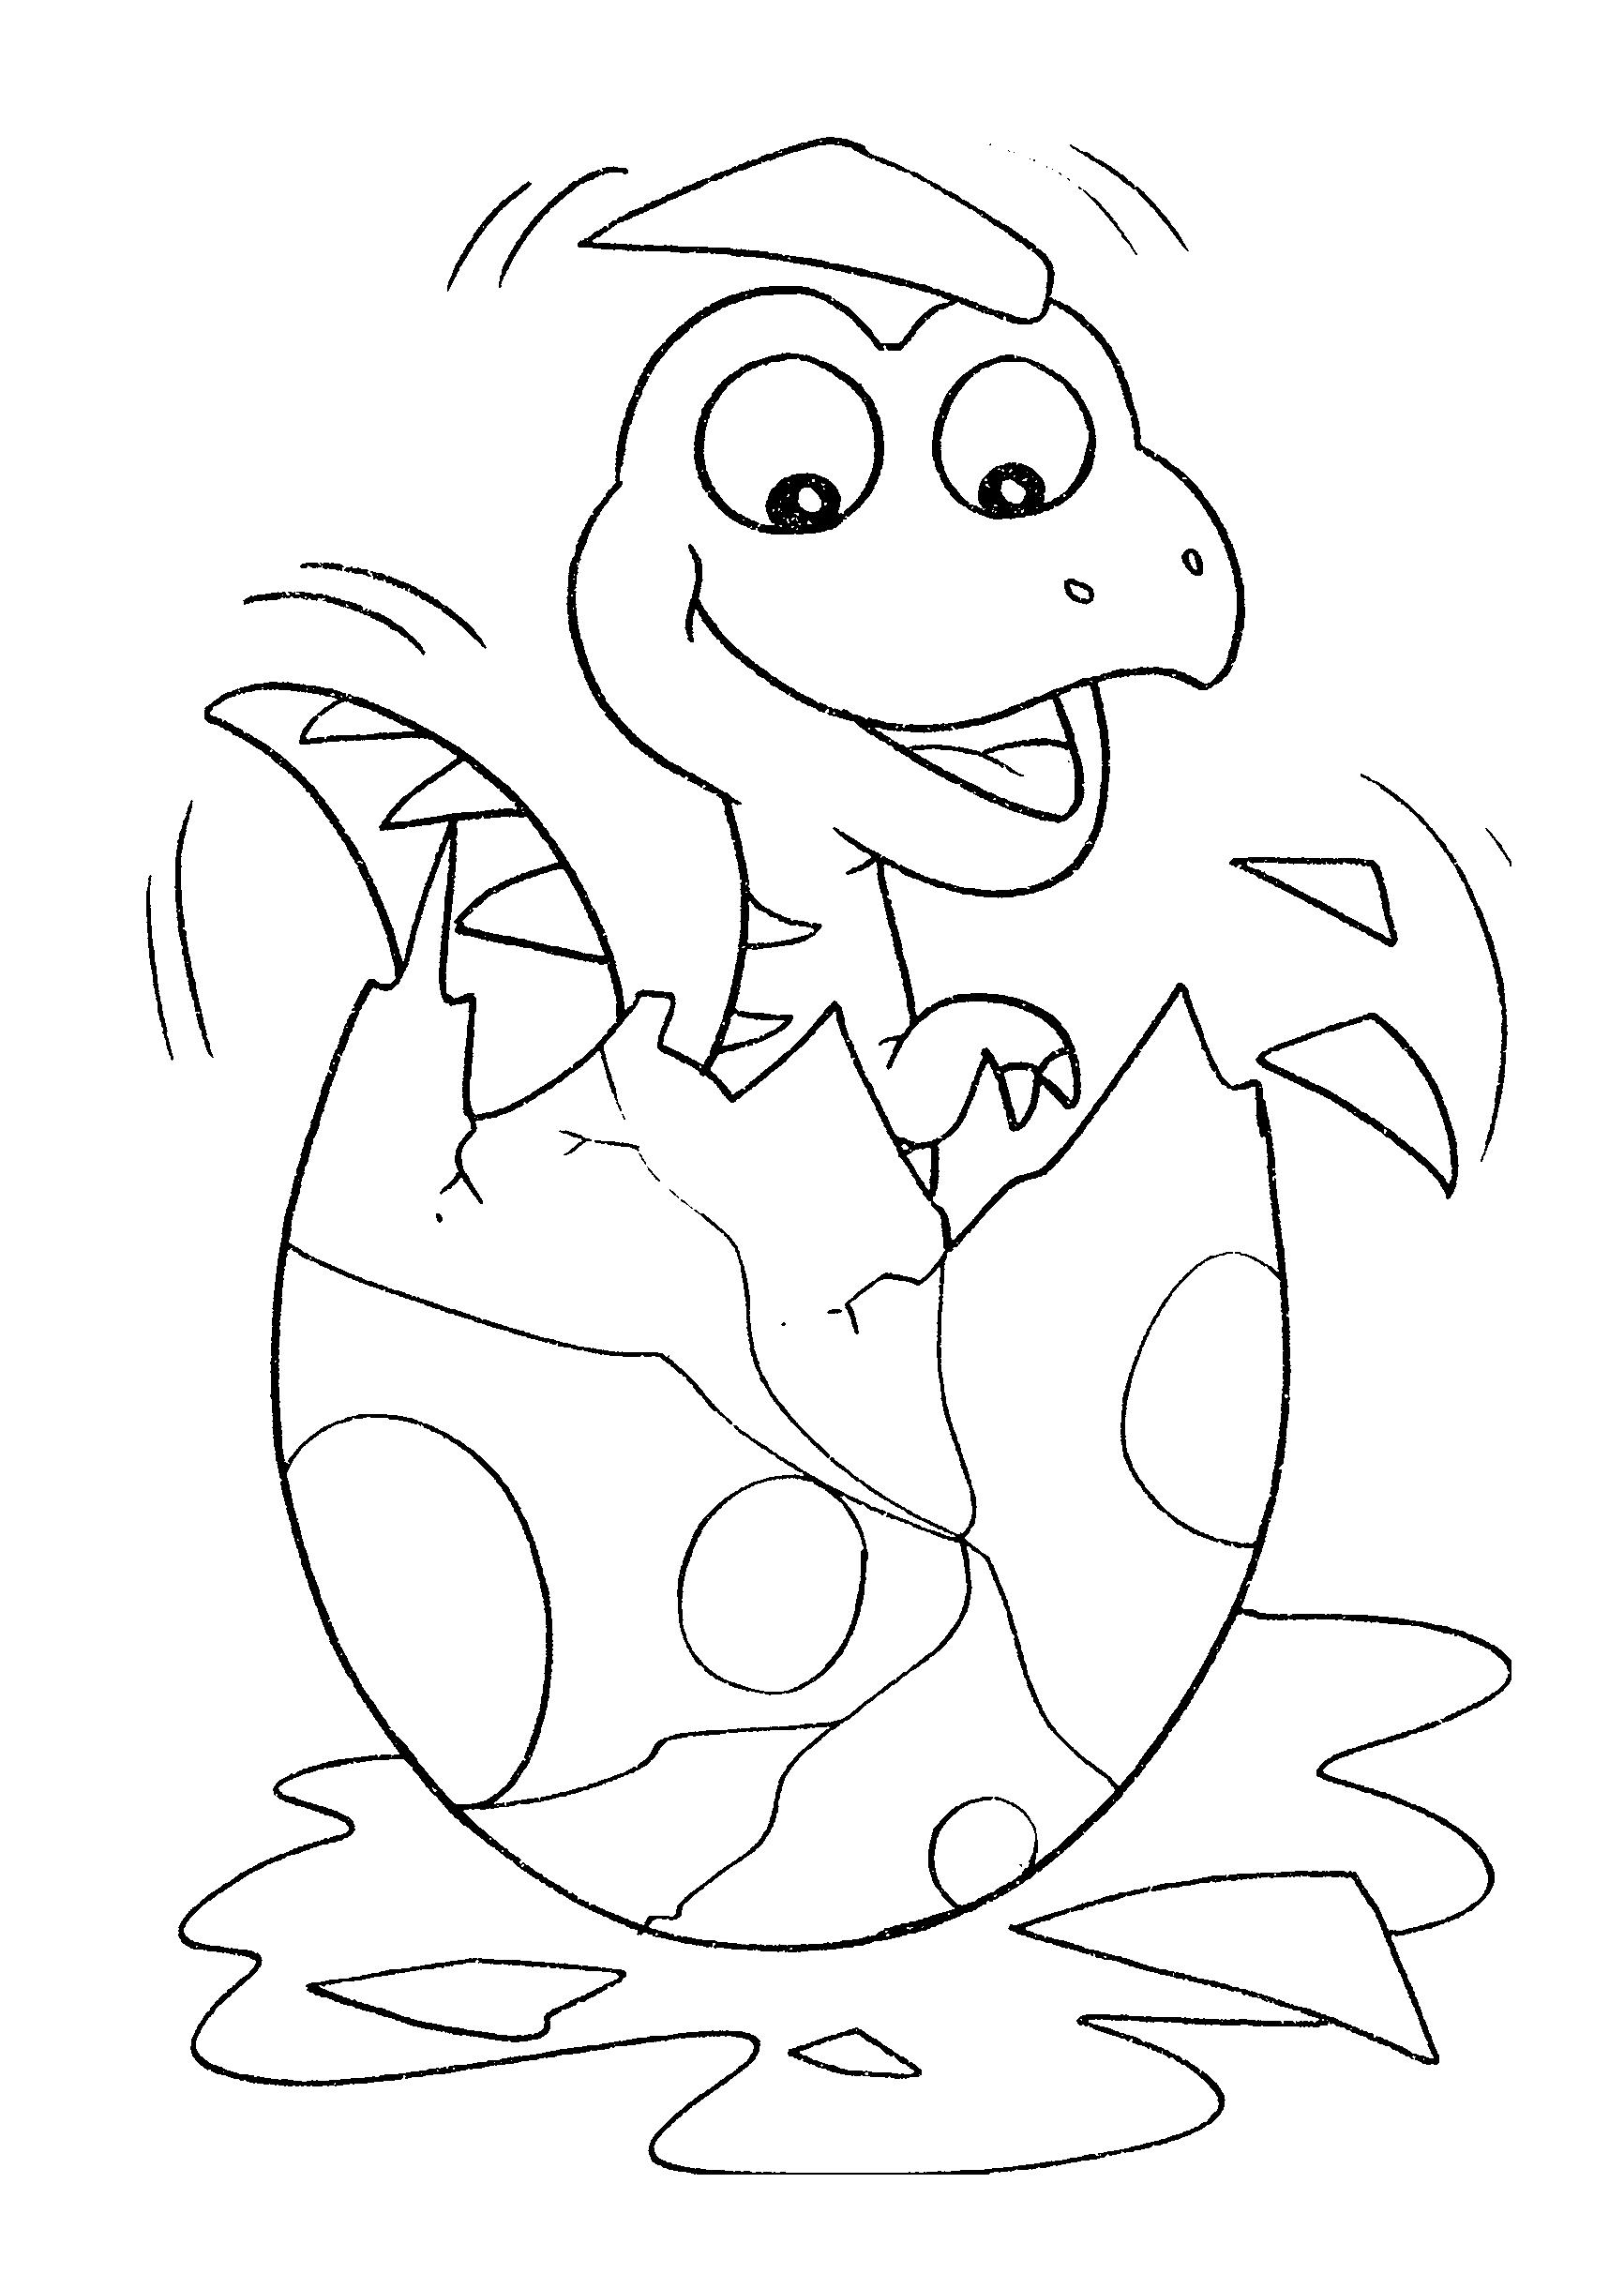 Desenho de Dinossauro: saindo do ovo